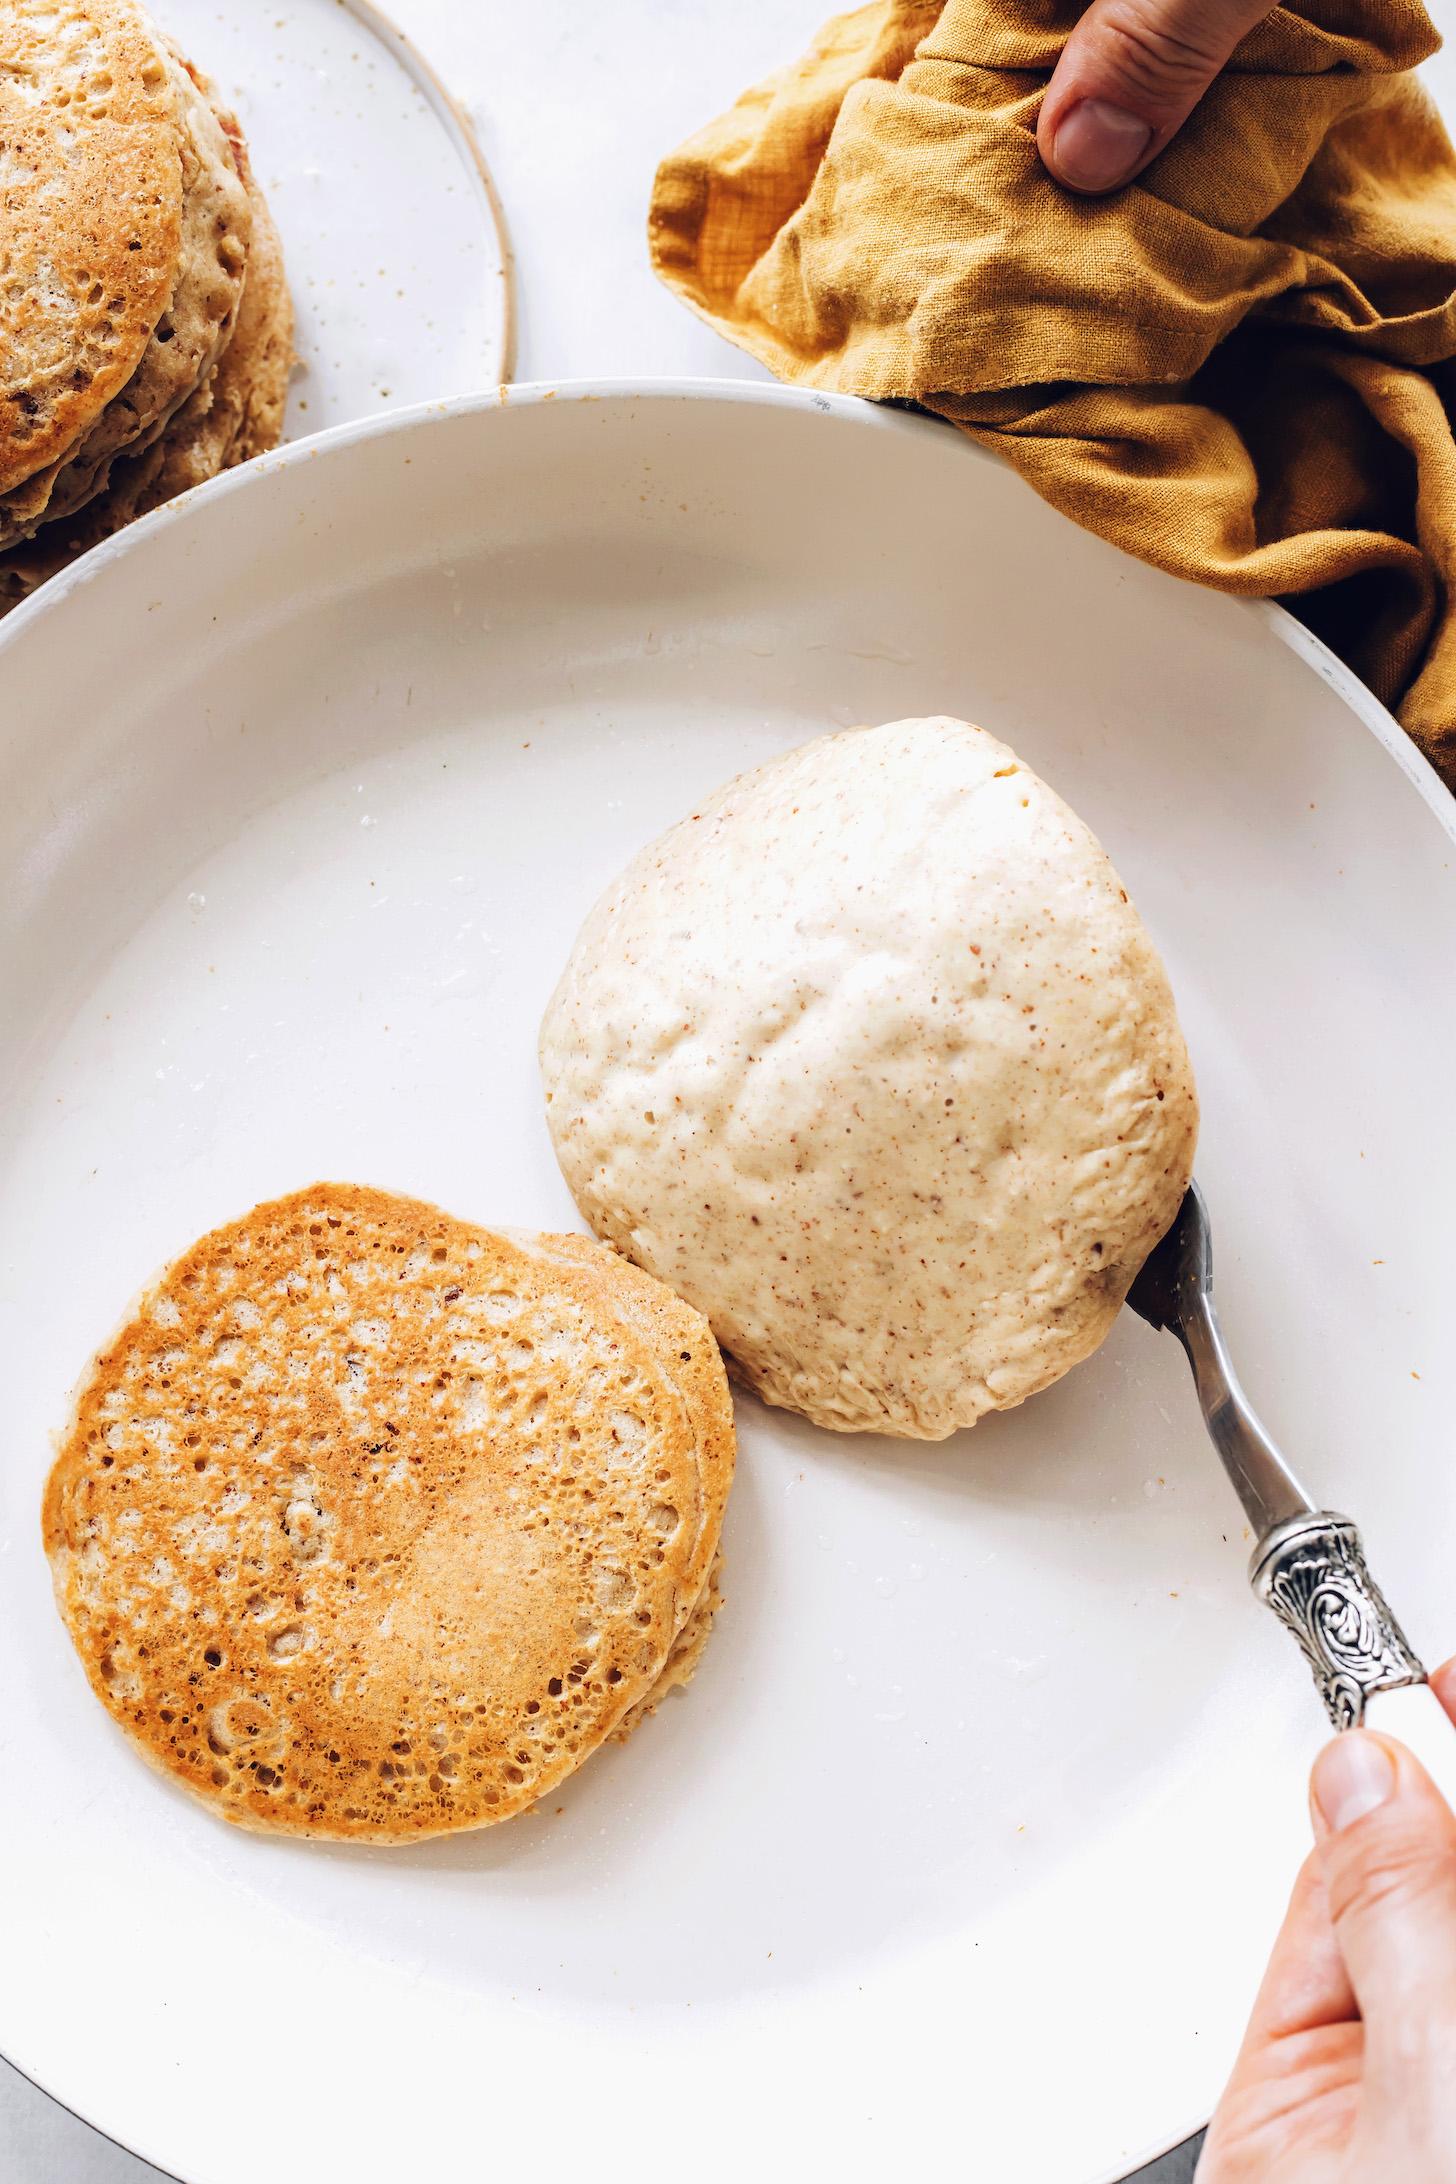 Bir tavada glutensiz krep çevirme